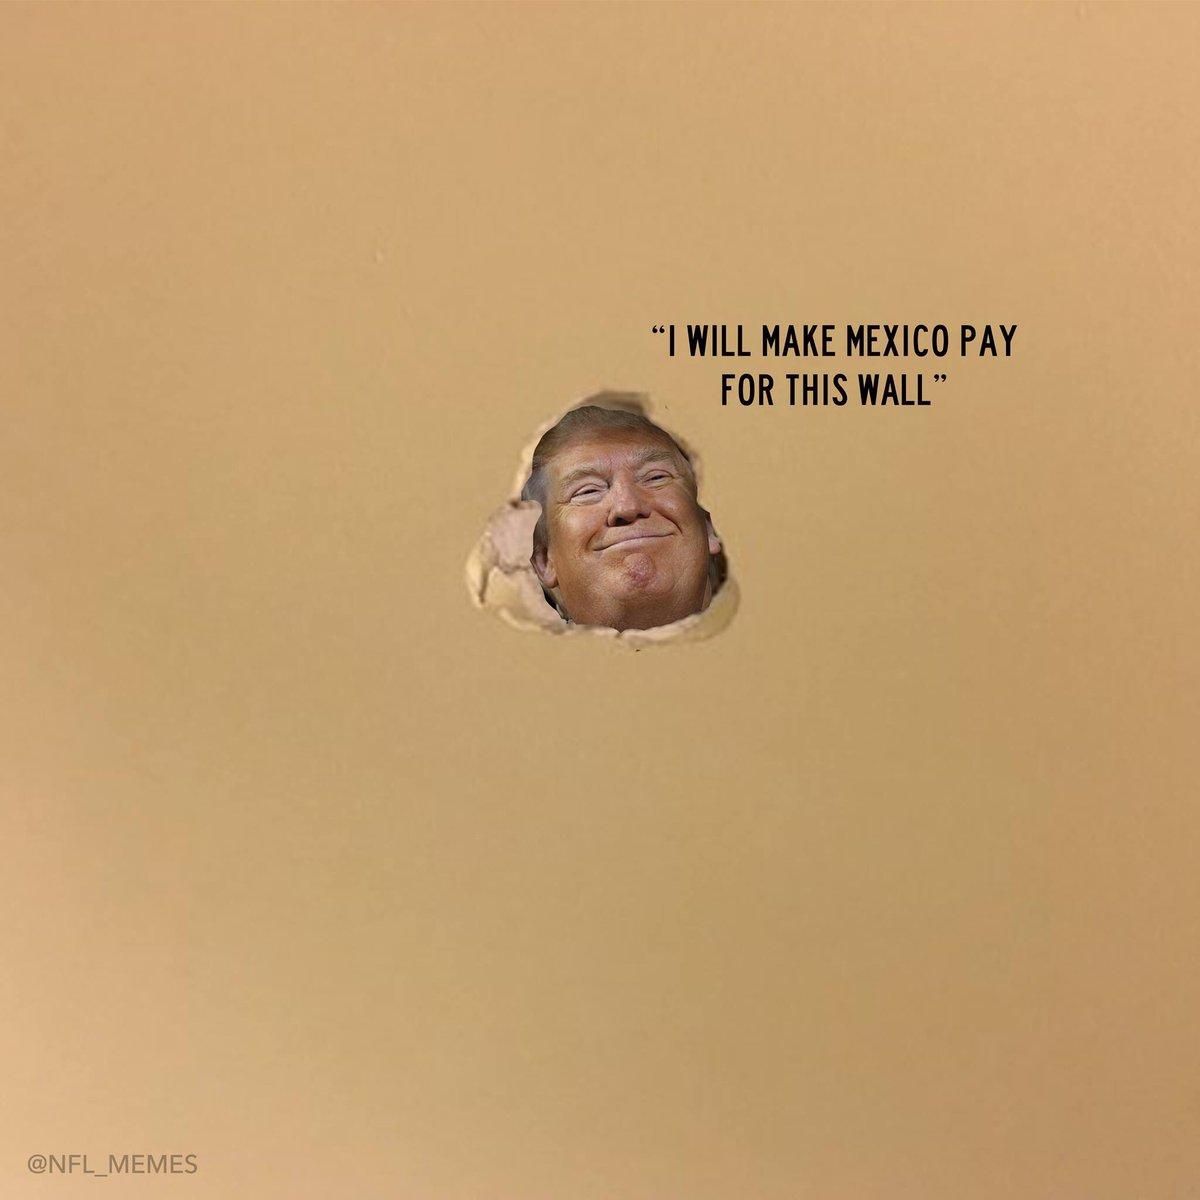 Best meme I seen lately!!! #NYGIANTS #GiantsNation #GiantsChat <br>http://pic.twitter.com/MTRJhl1rZK